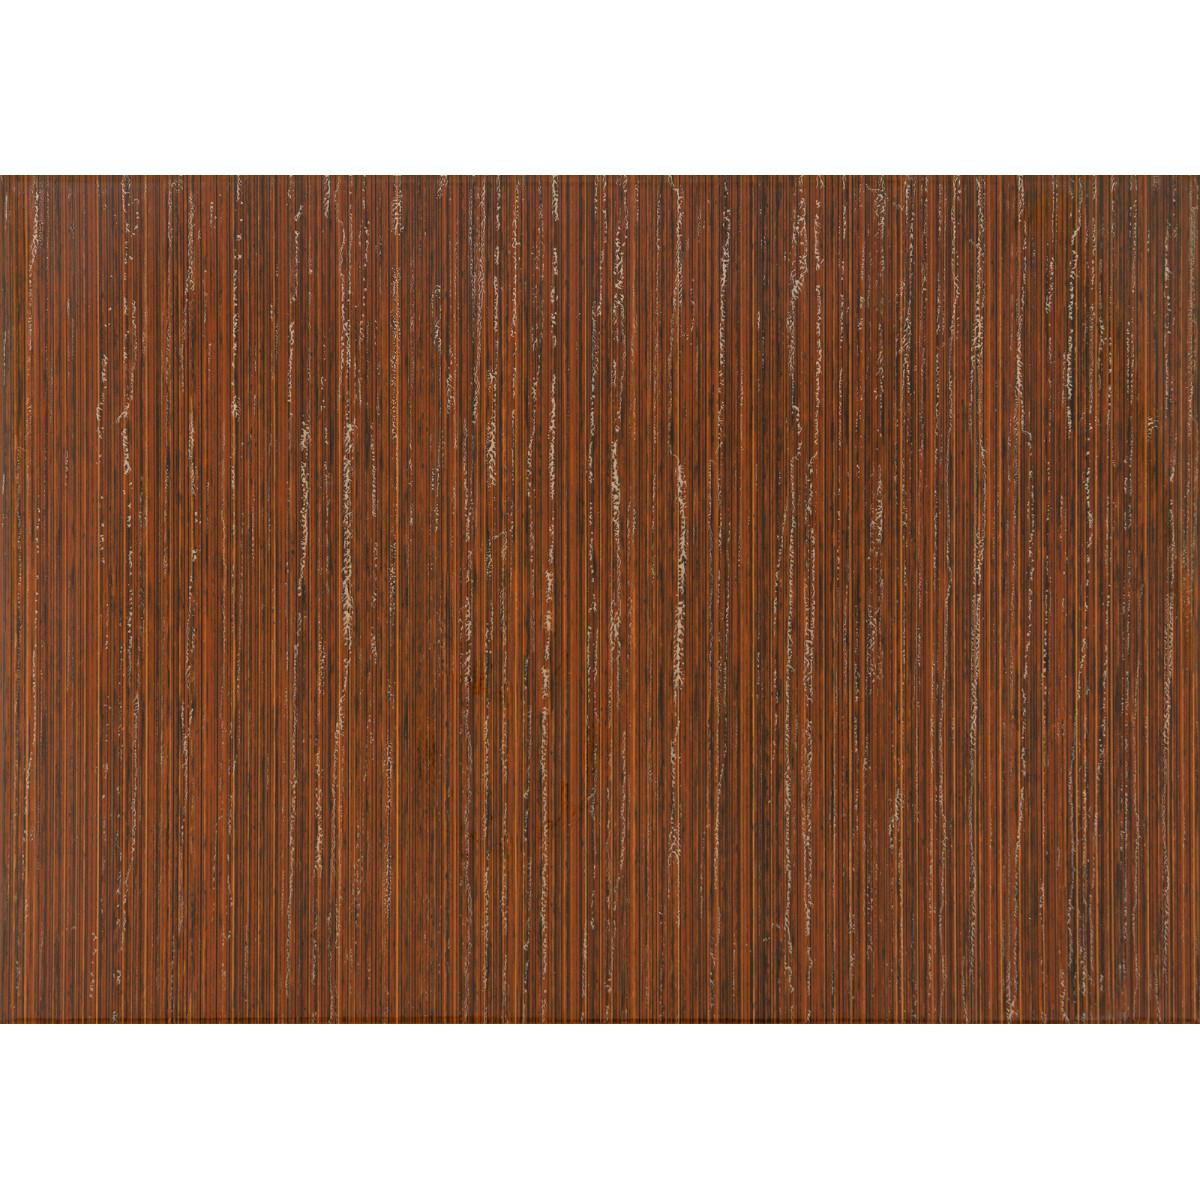 Плитка настенная Wood 25x35 см 1.4 м2 цвет коричневый